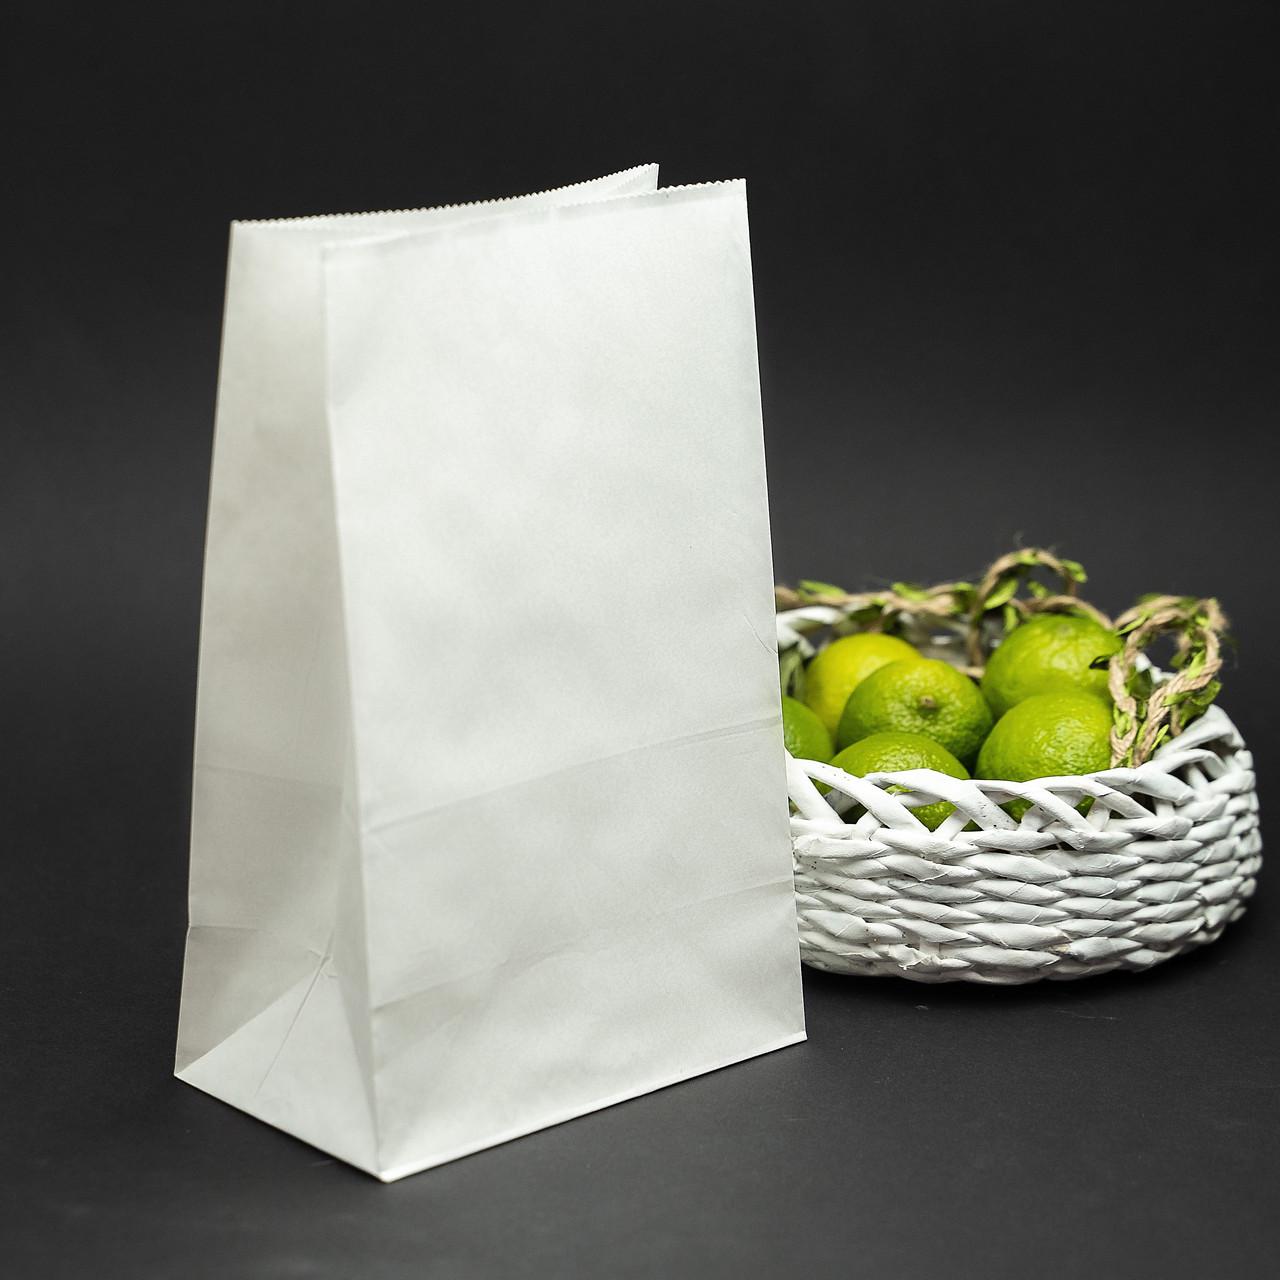 Крафт пакет белый с плоским дном 150*90*240 мм для пищевых продуктов